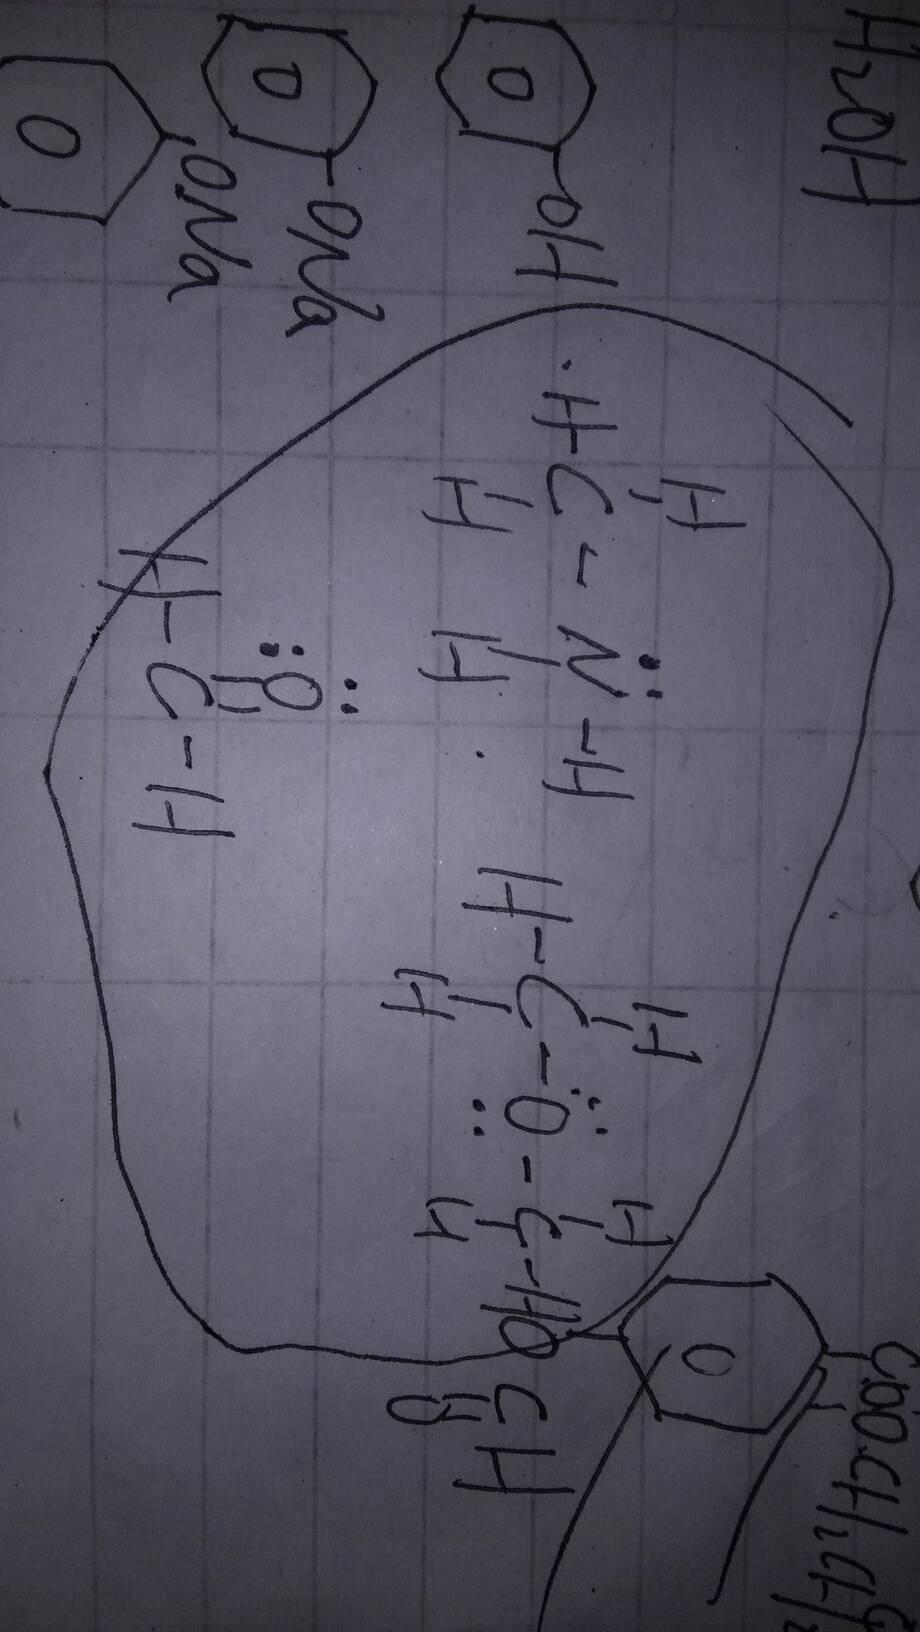 大神,路易斯结构式是什么鬼?图片